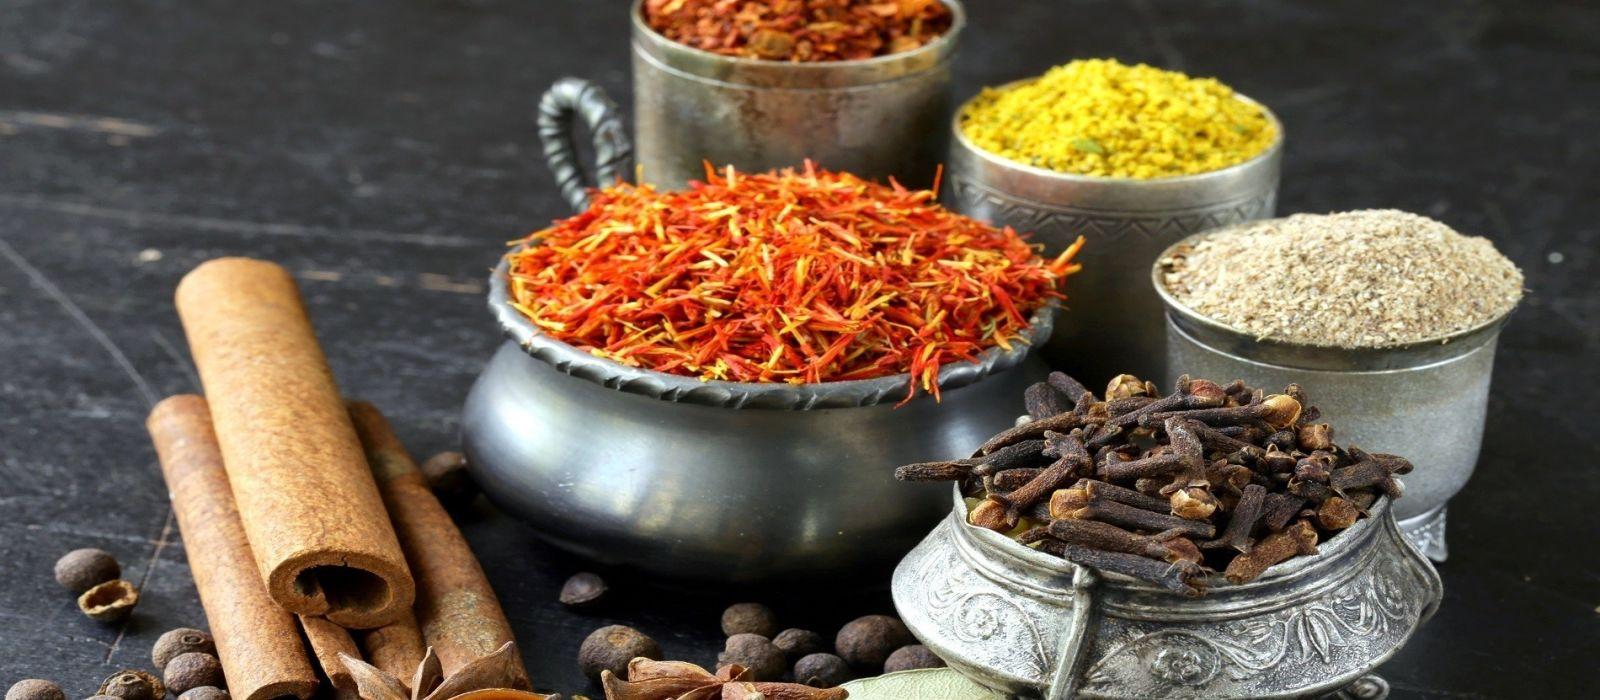 Gourmetreise – Nordindien für Feinschmecker Urlaub 3